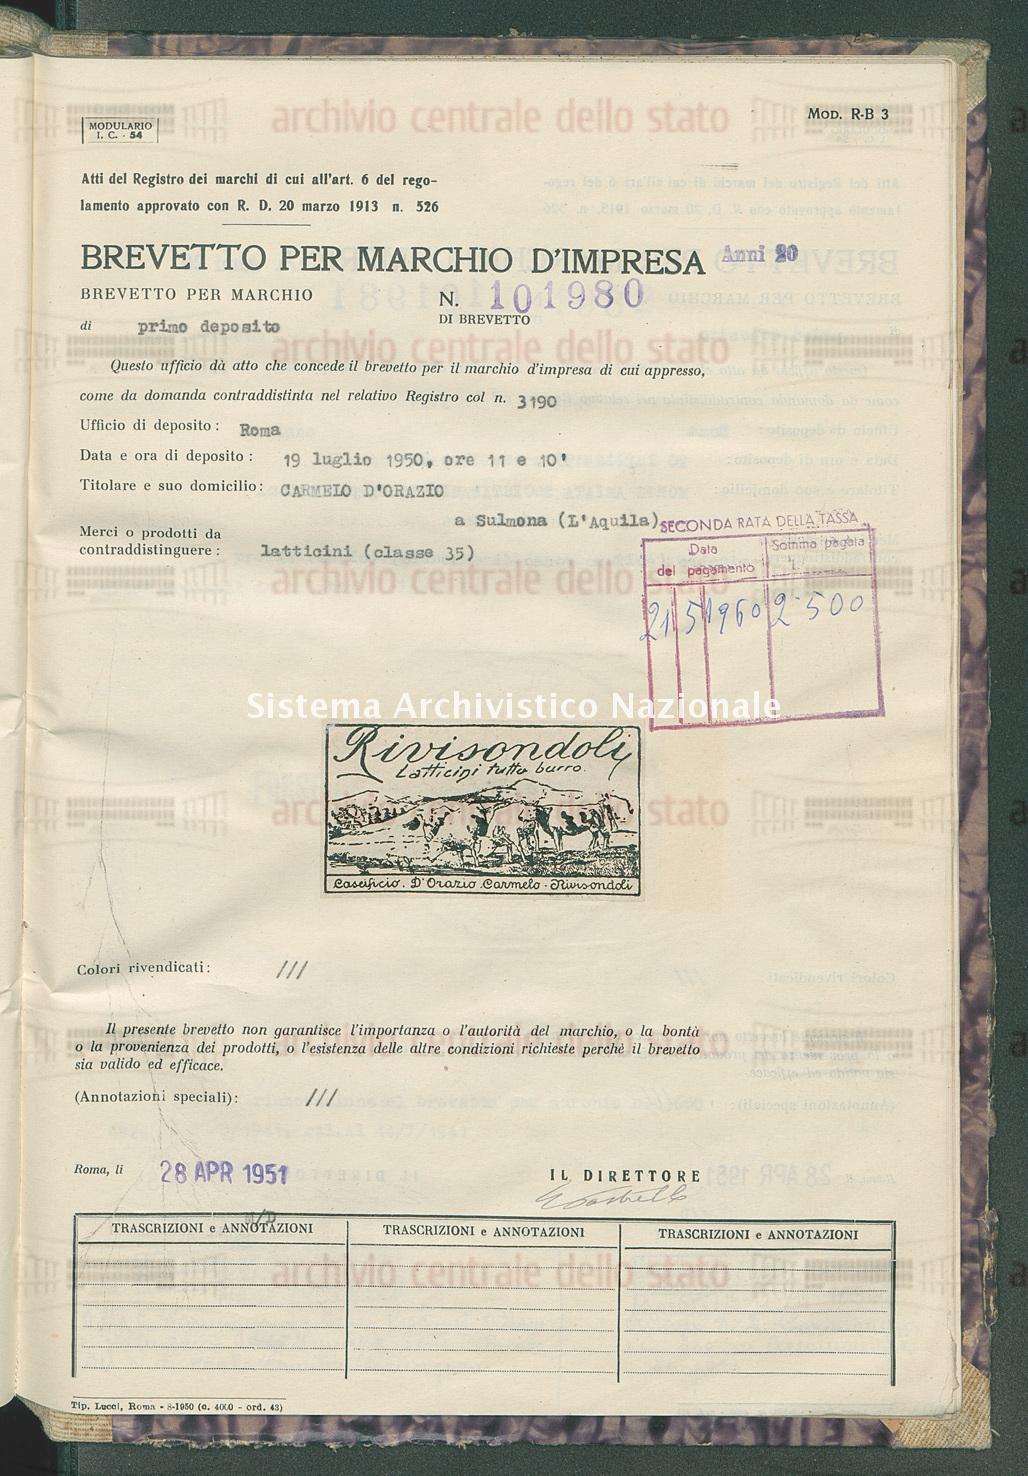 Latticini Carmelo D'Orazio (28/04/1951)